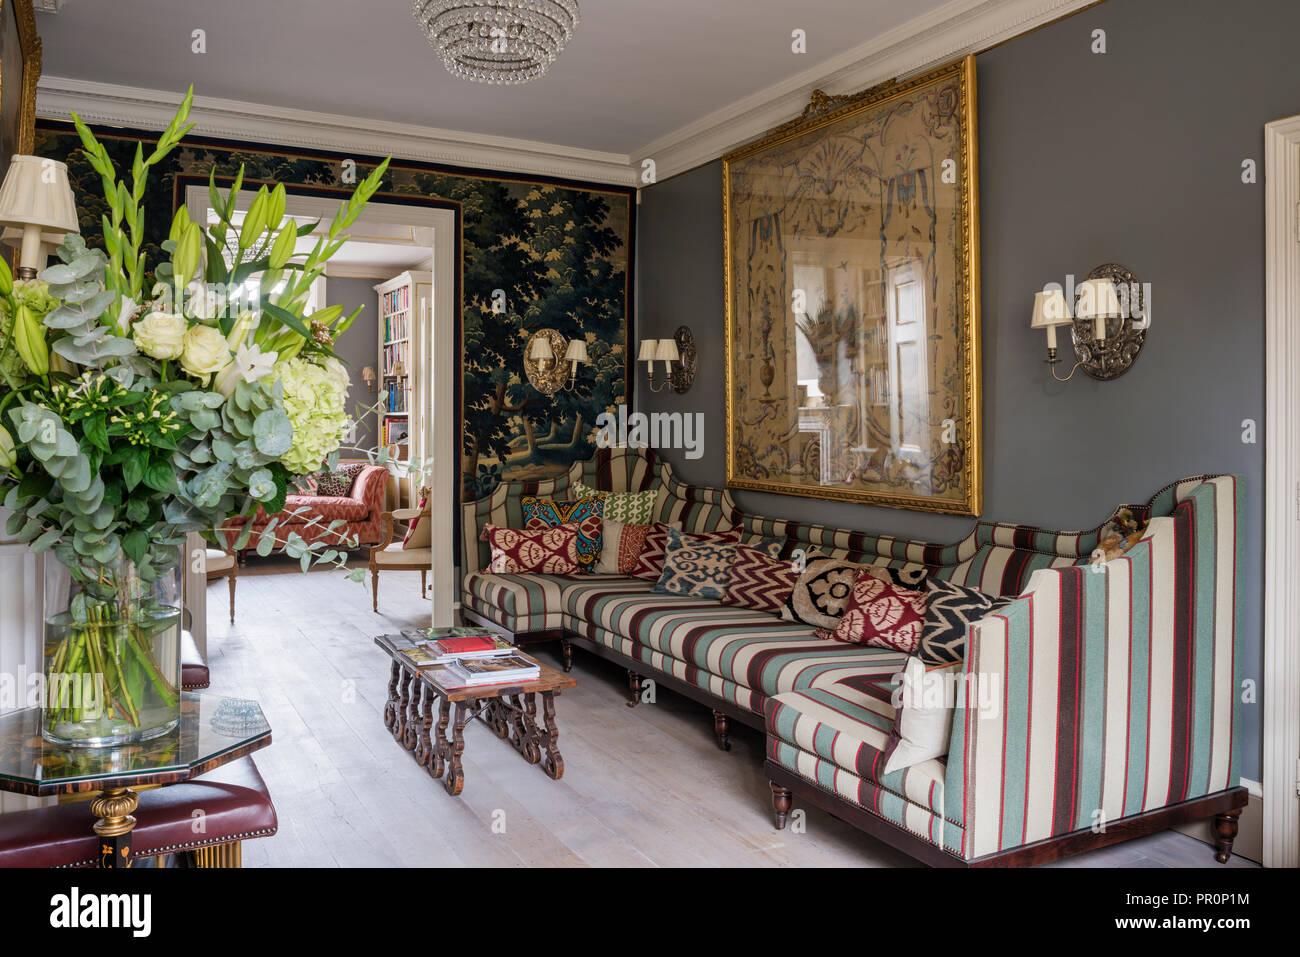 18e siècle 19e siècle français avec tapisserie tapisserie verdure et Panneaux capitonnés banquette avec Andrew Martin stripe Photo Stock